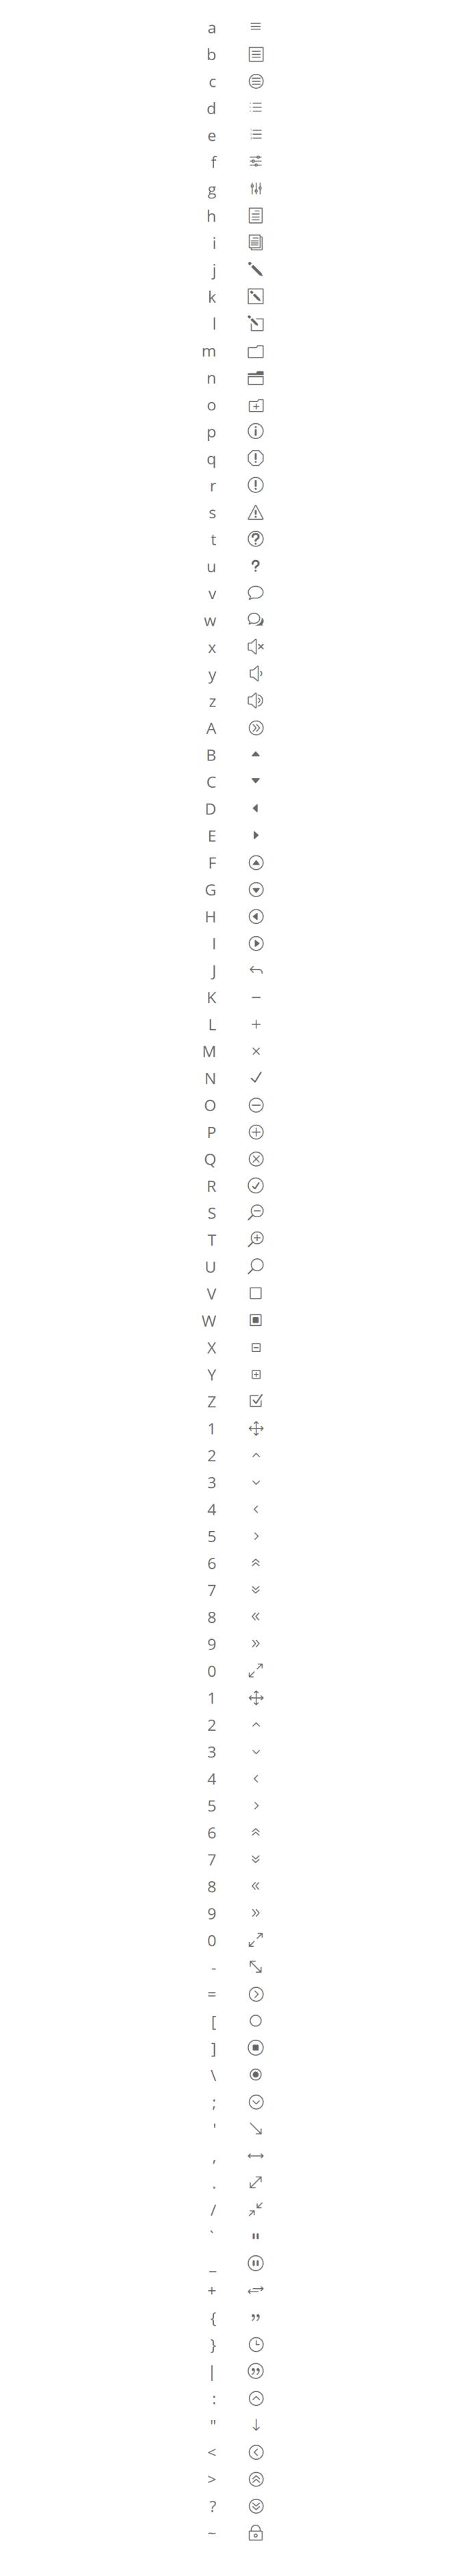 liste des icônes disponibles divi.png